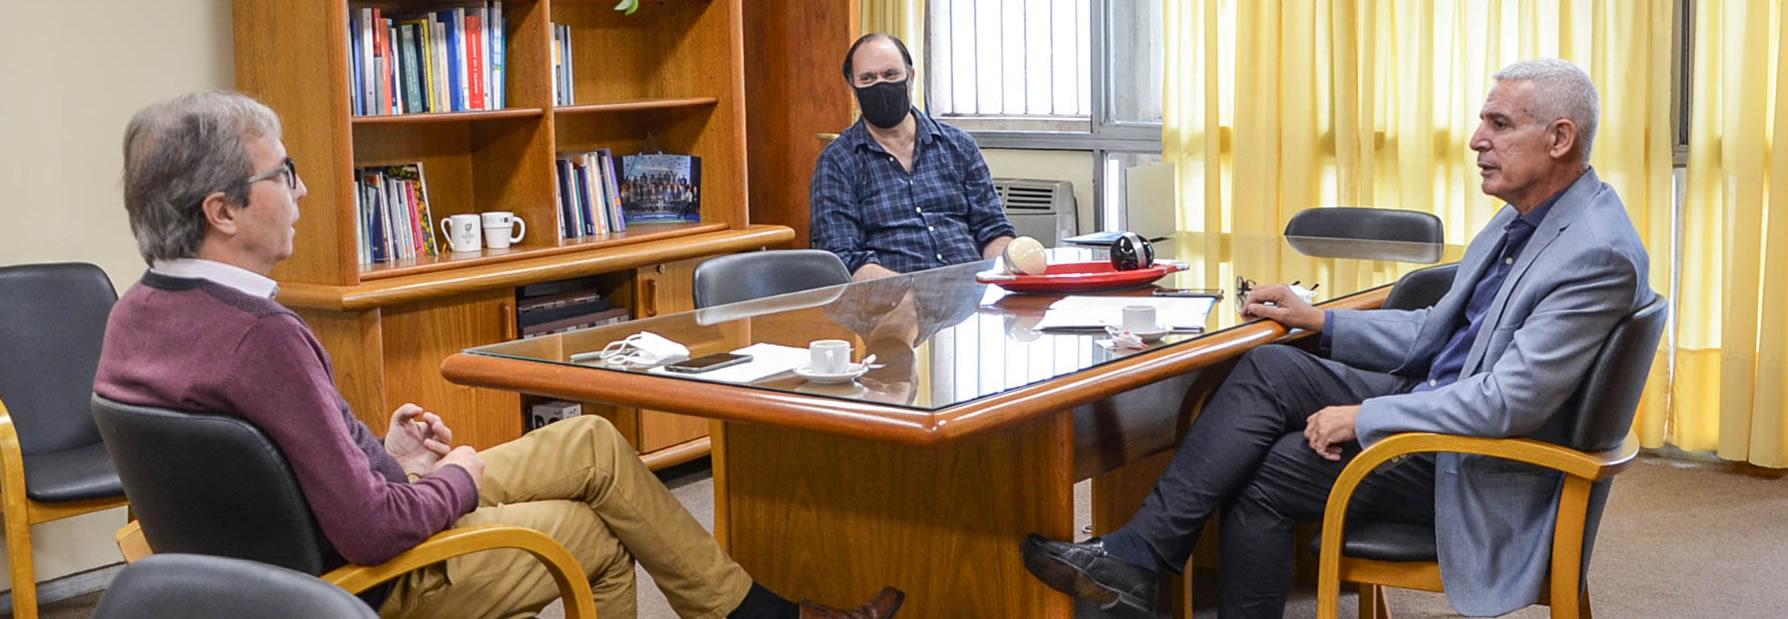 Boretto, Matta y Jaluf sentados y conversando